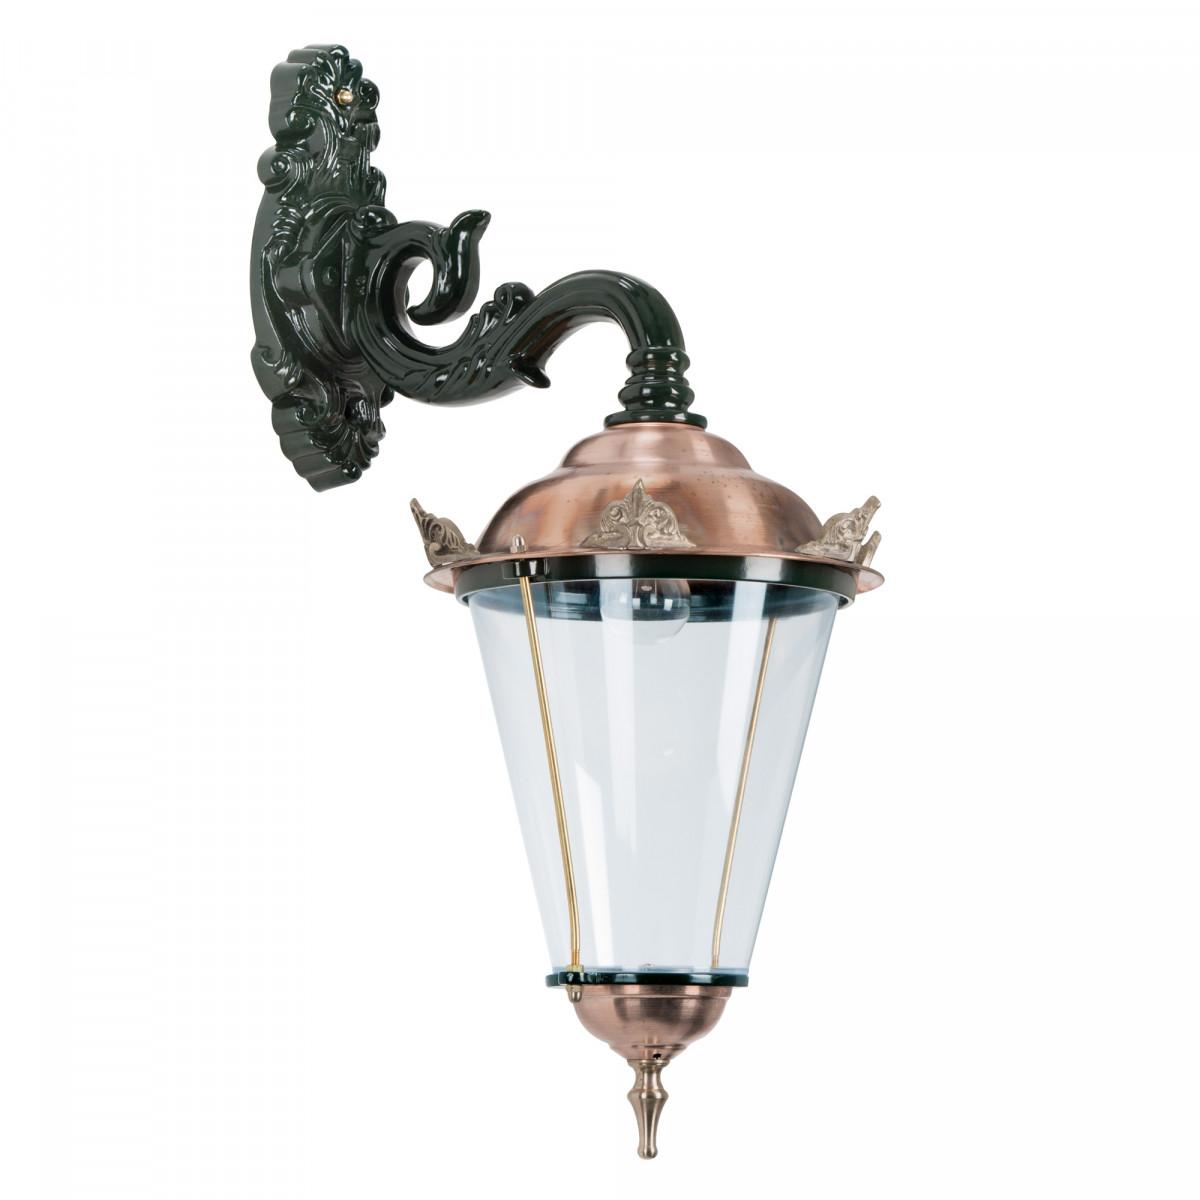 Volendam 3 hang L met kronen (1308) - KS Verlichting - Buitenverlichting Rond